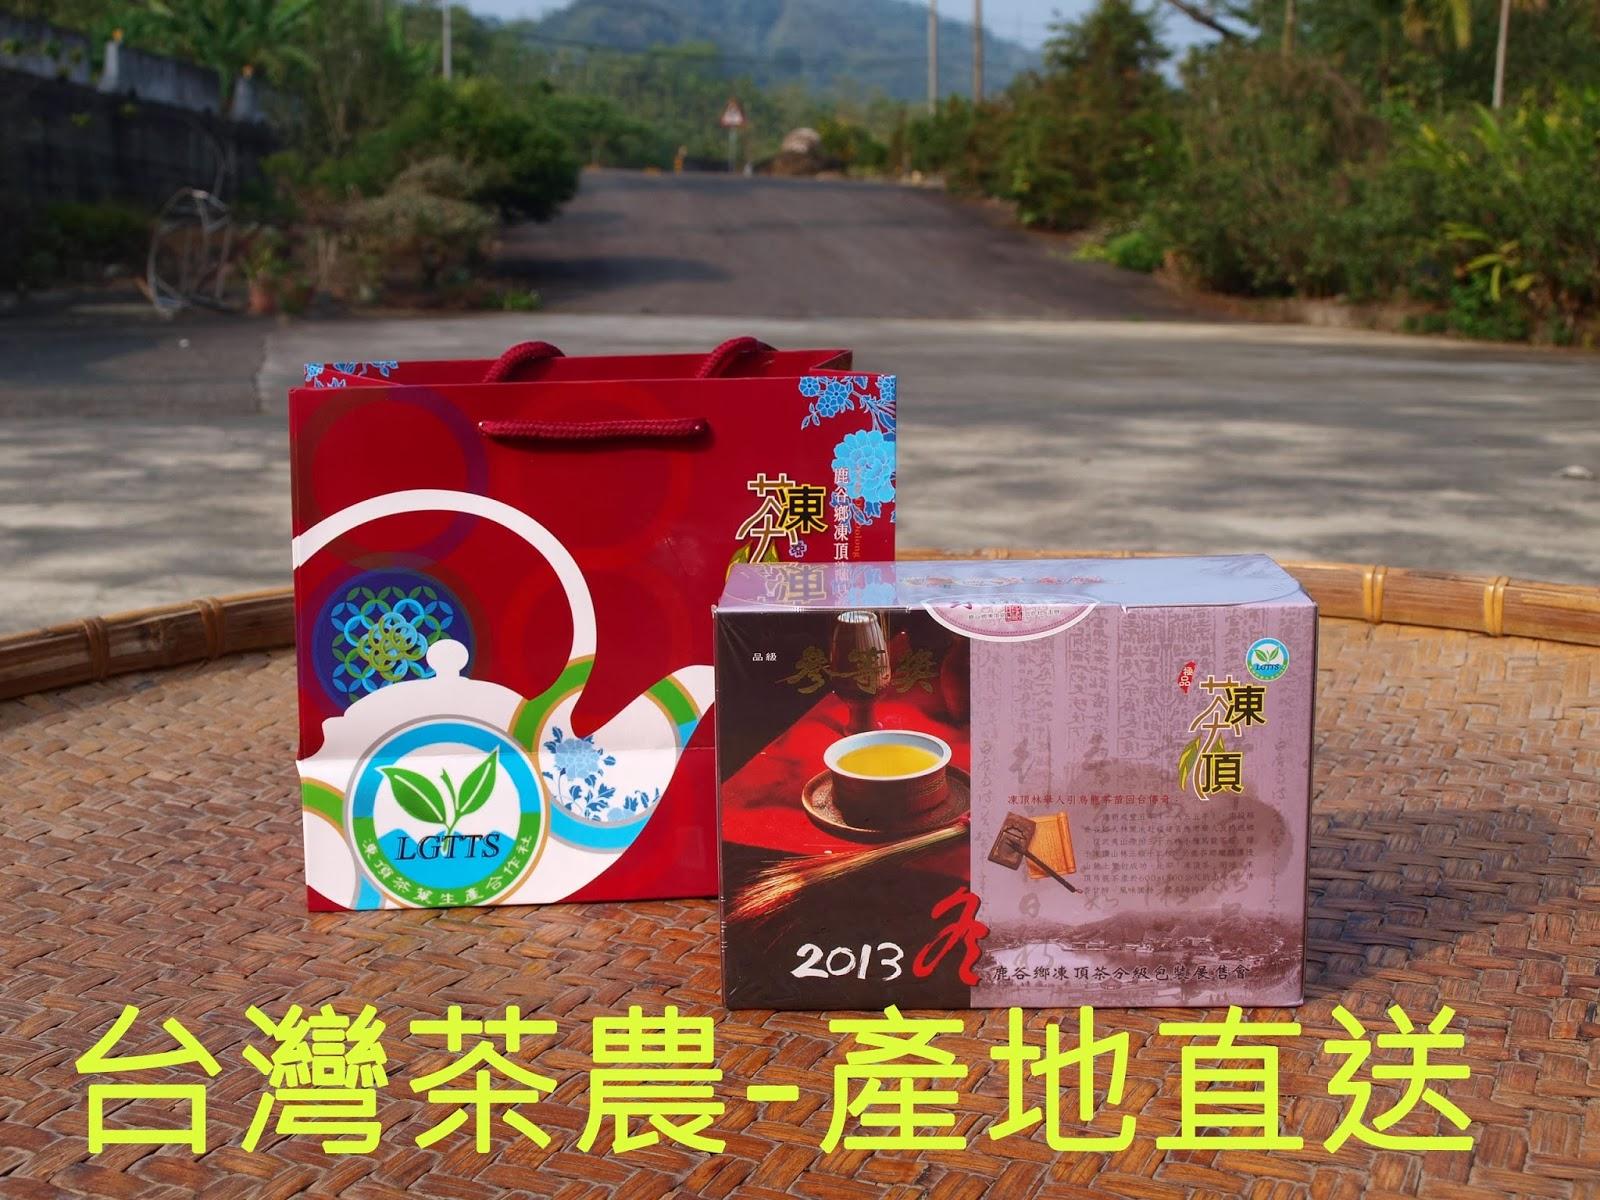 凍頂合作社比賽茶 參等獎